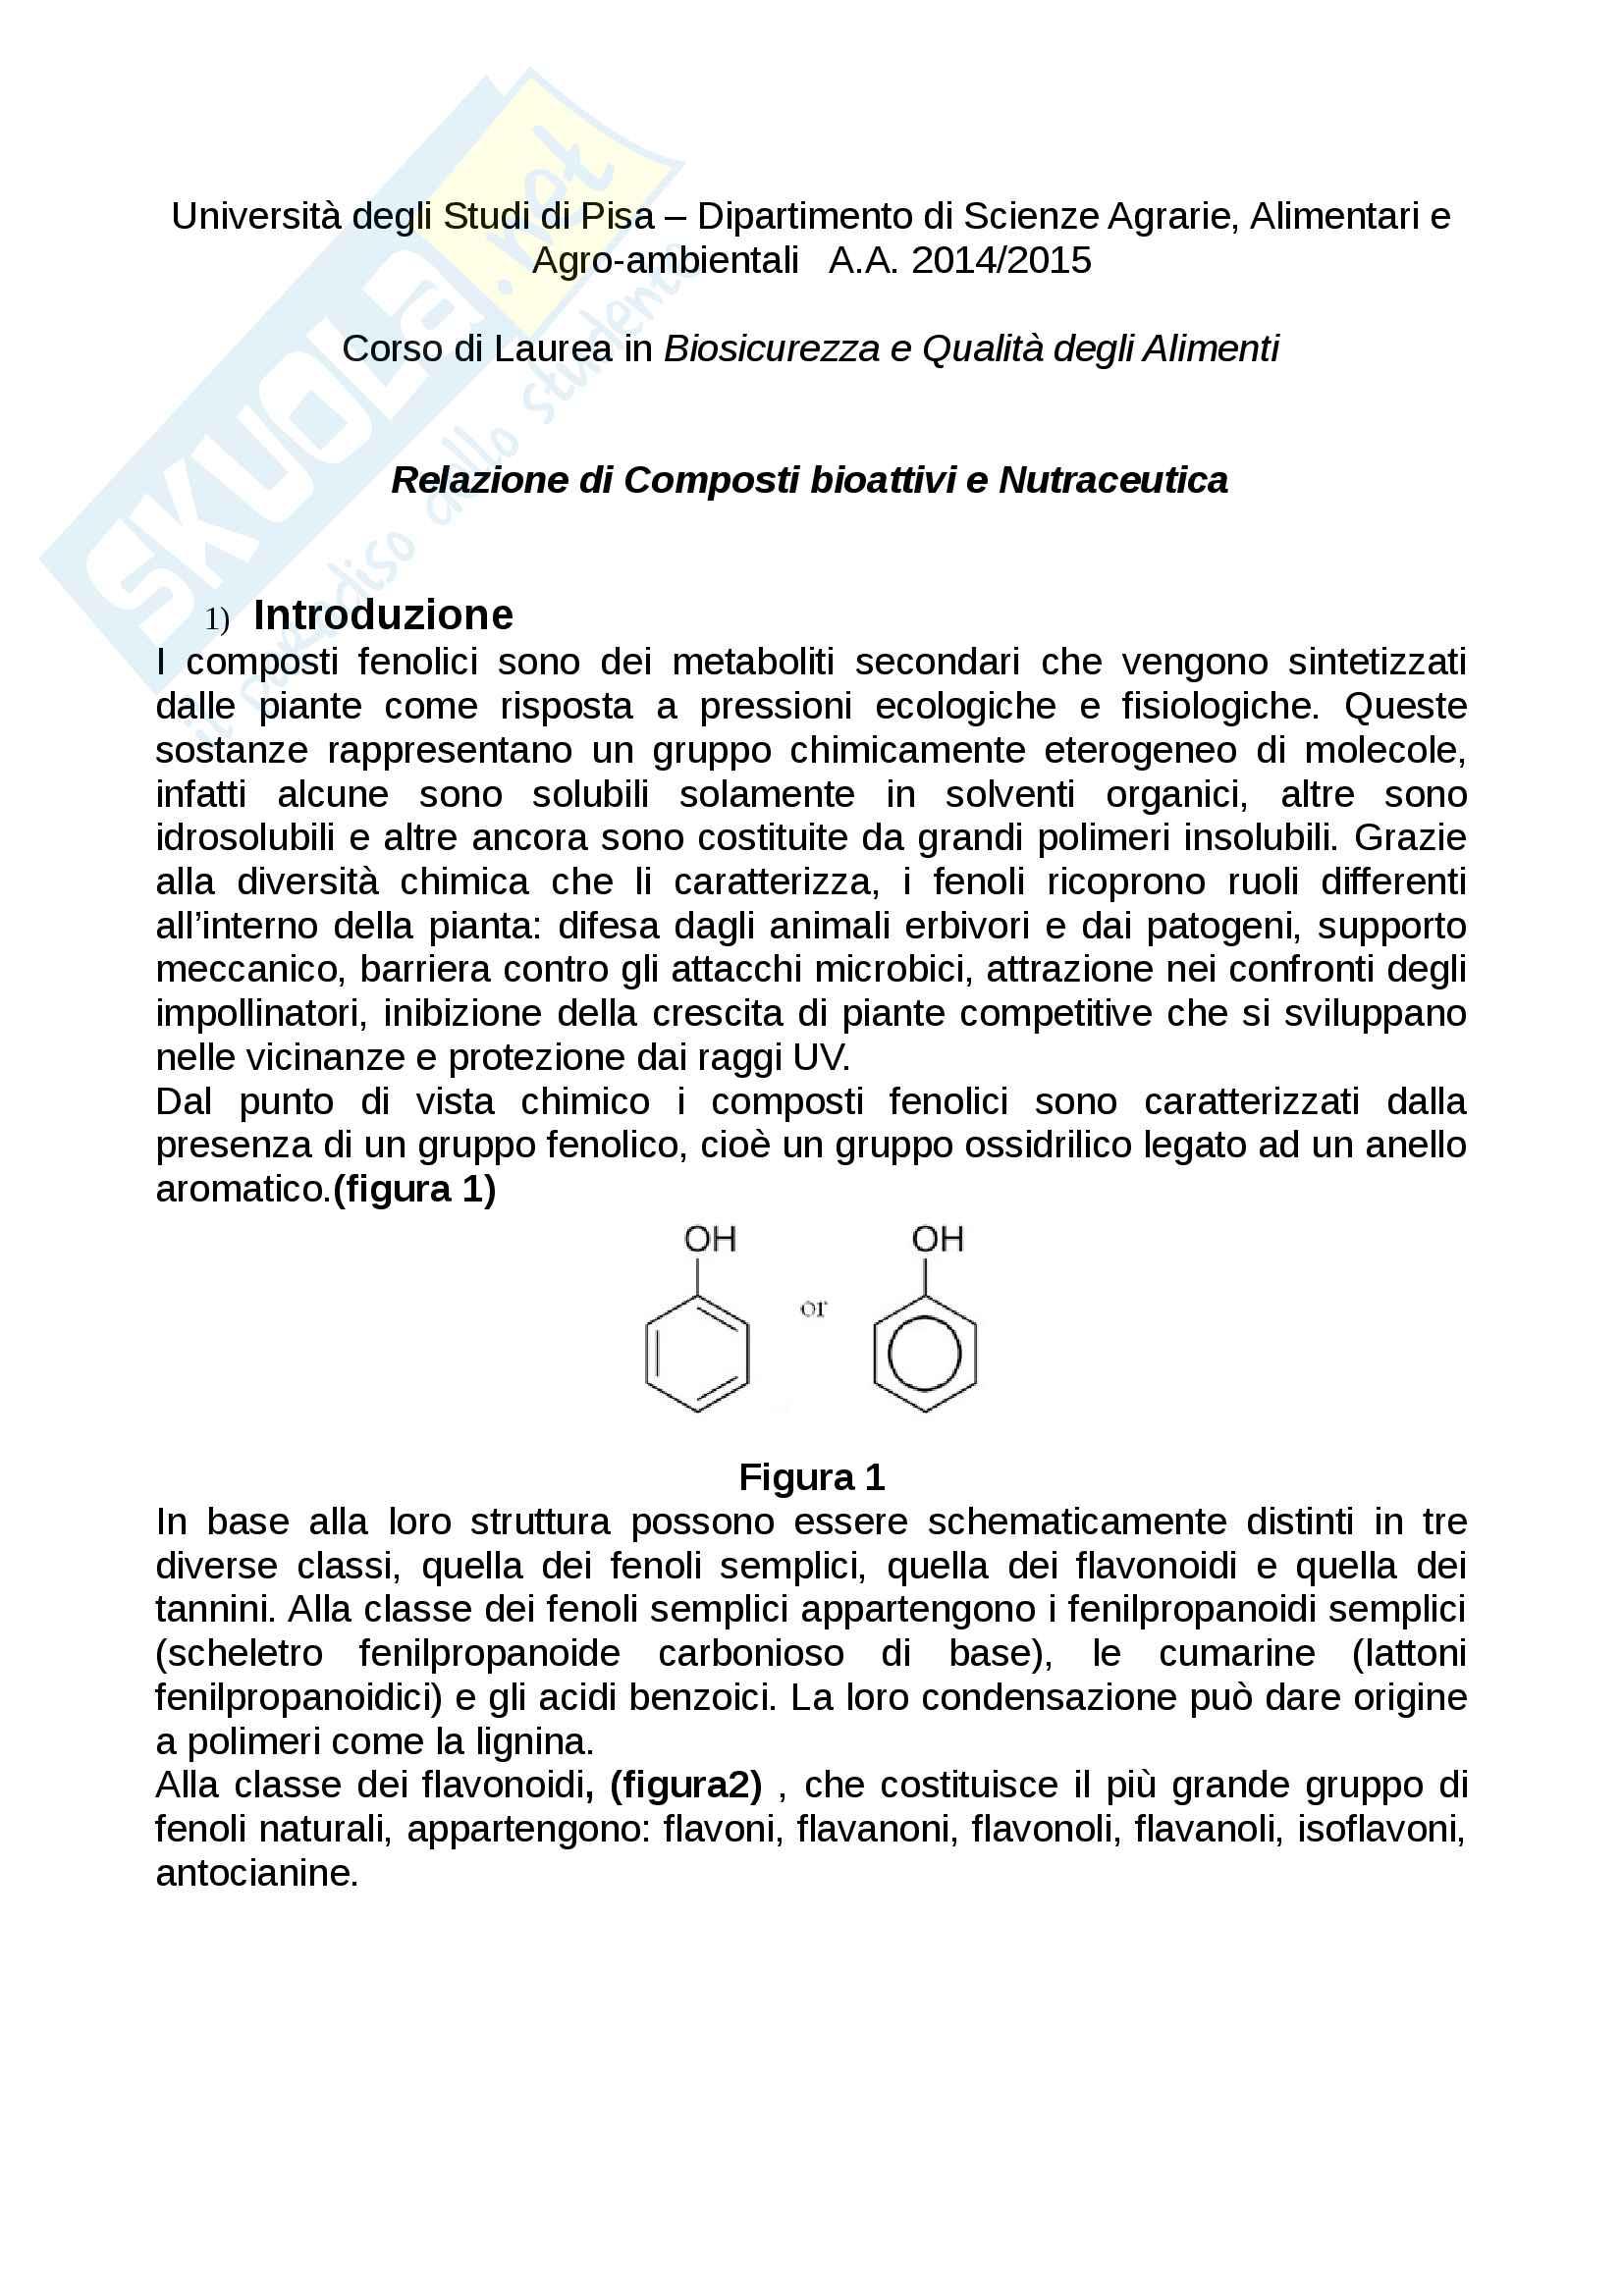 Relazione di Composti bioattivi e Nutraceutica